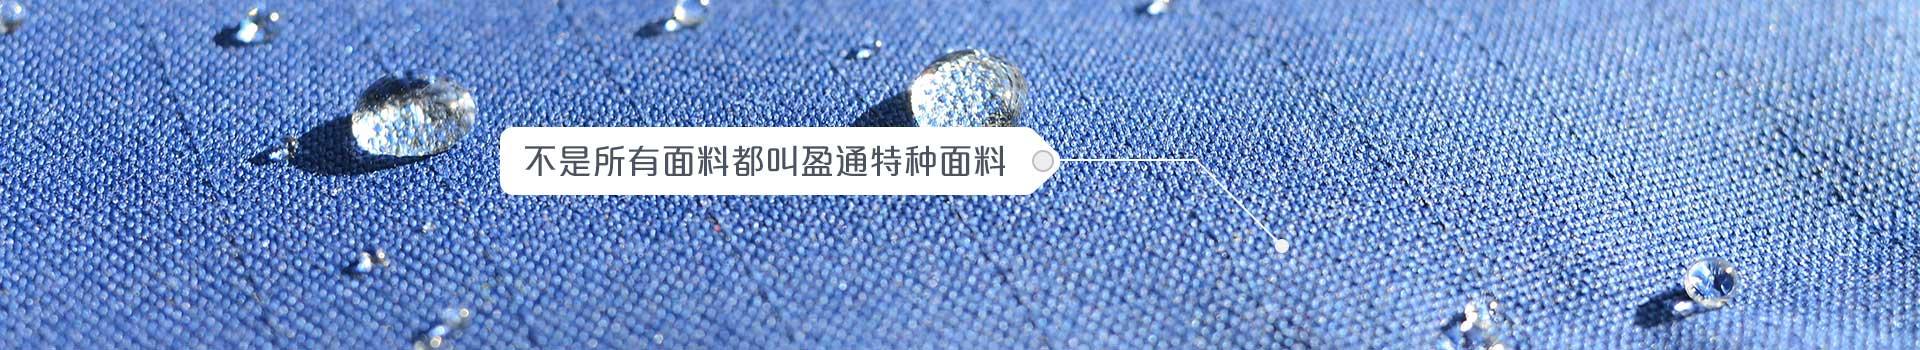 盈通纺织特种面料